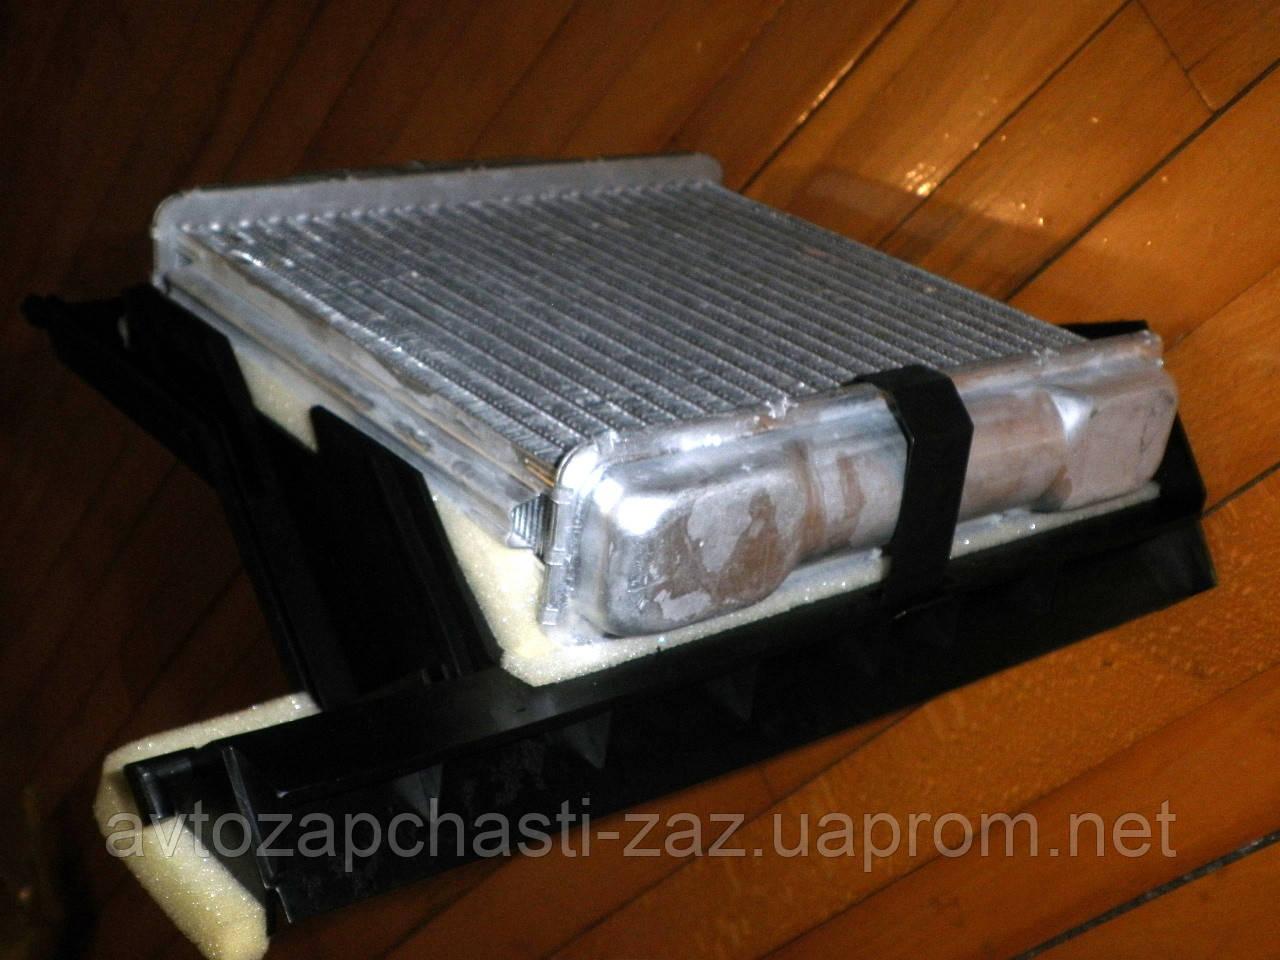 как снять радиатор на матизе с кондиционером инструкция